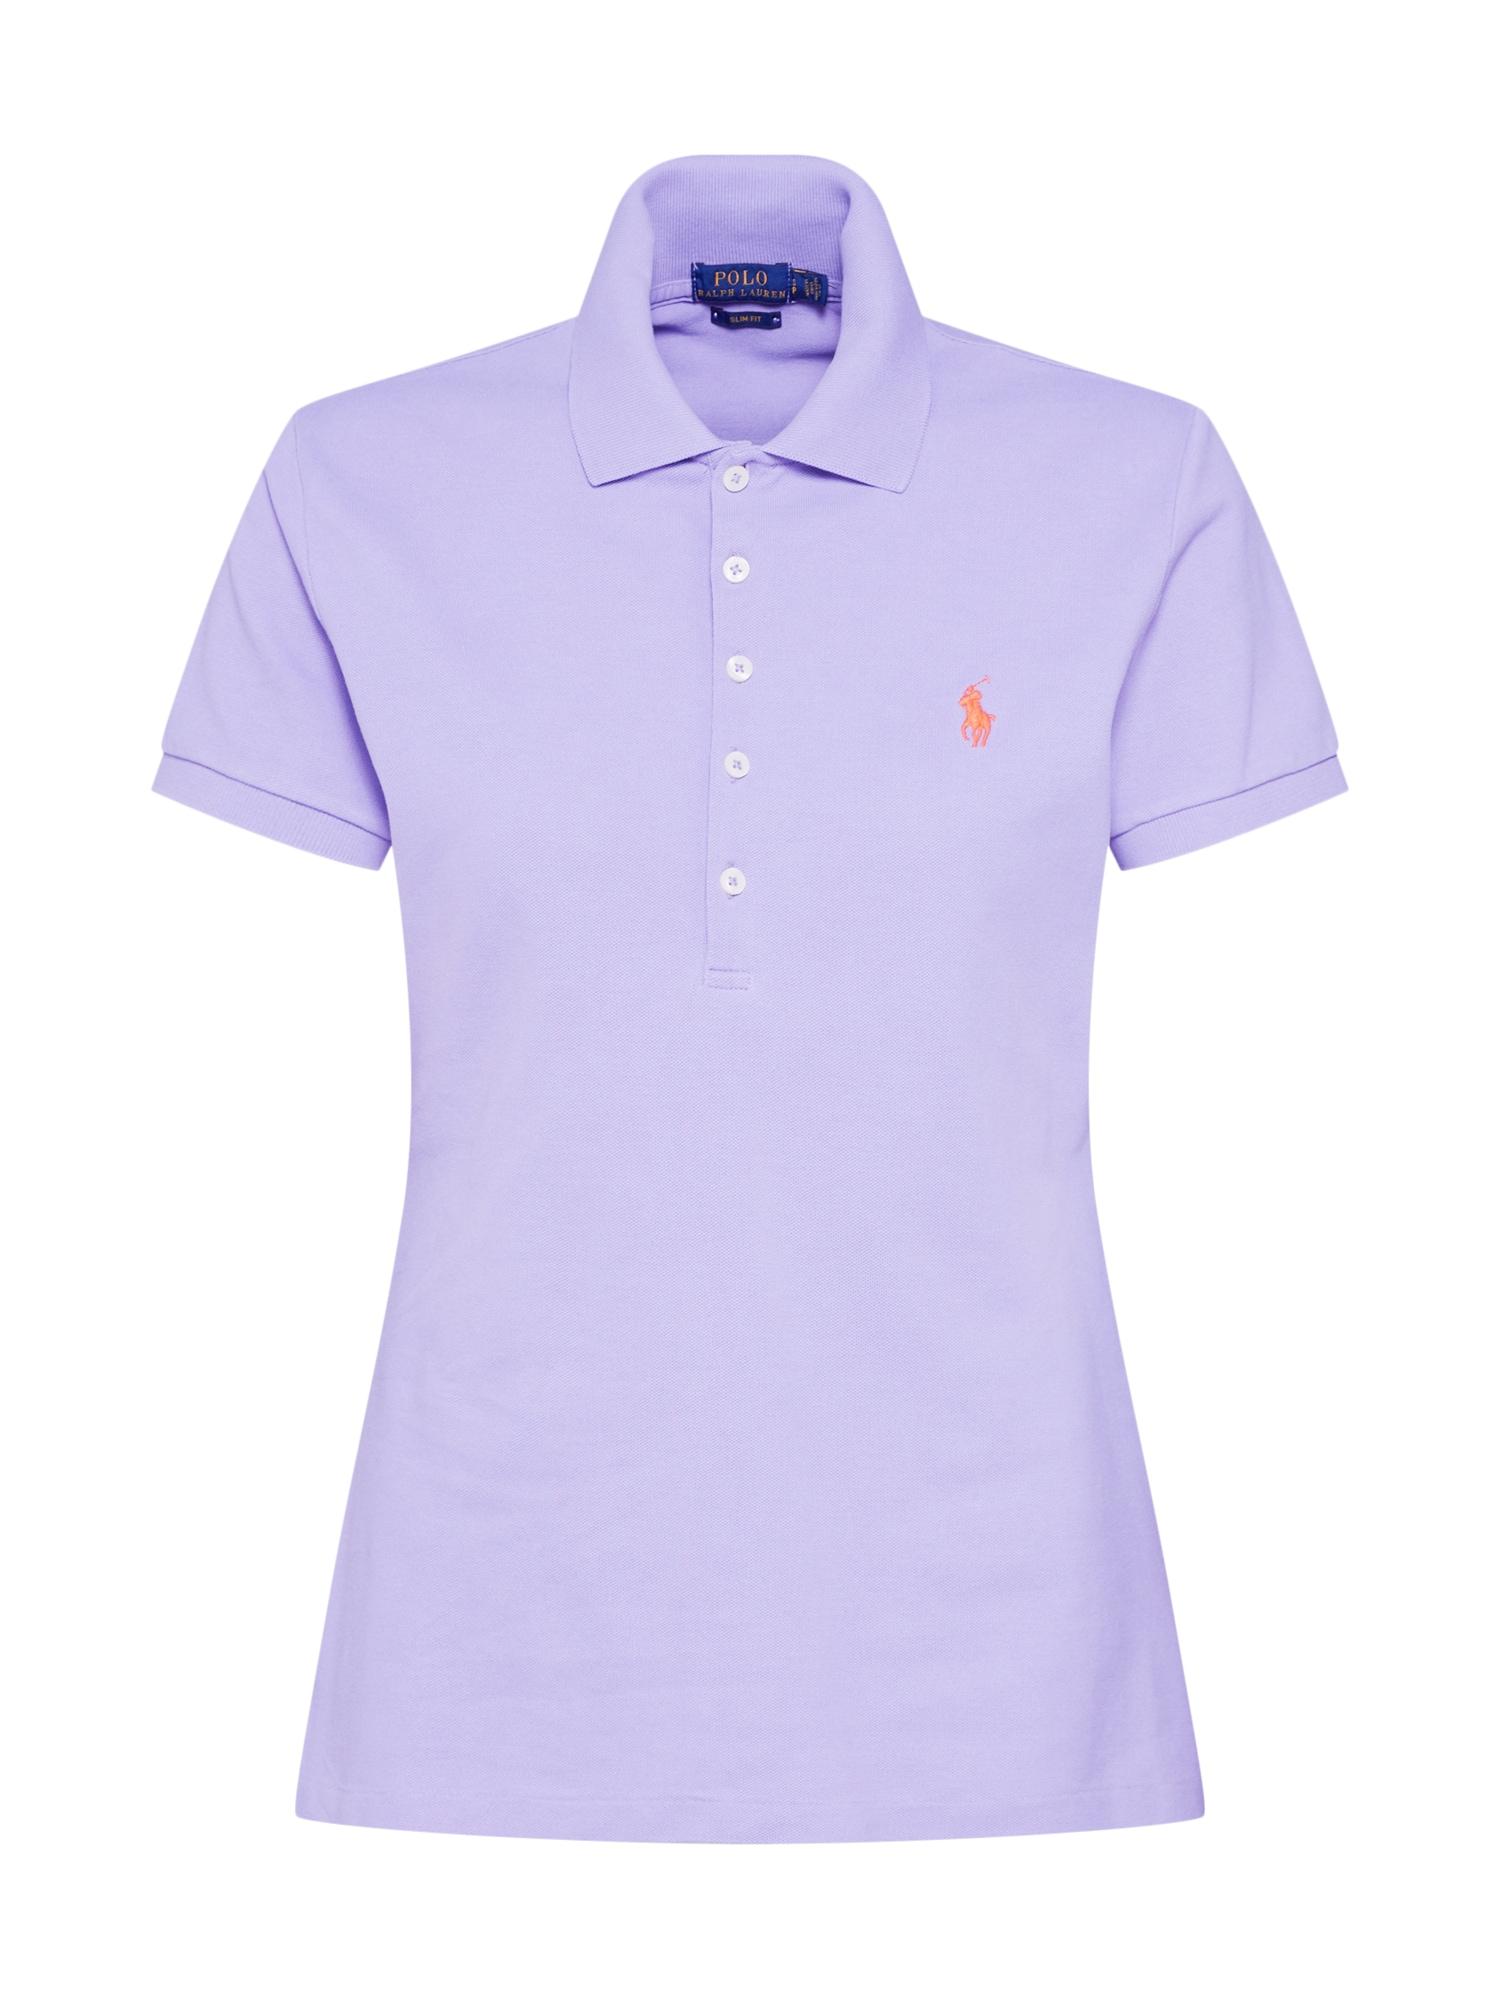 Tričko JULIE fialová oranžová POLO RALPH LAUREN